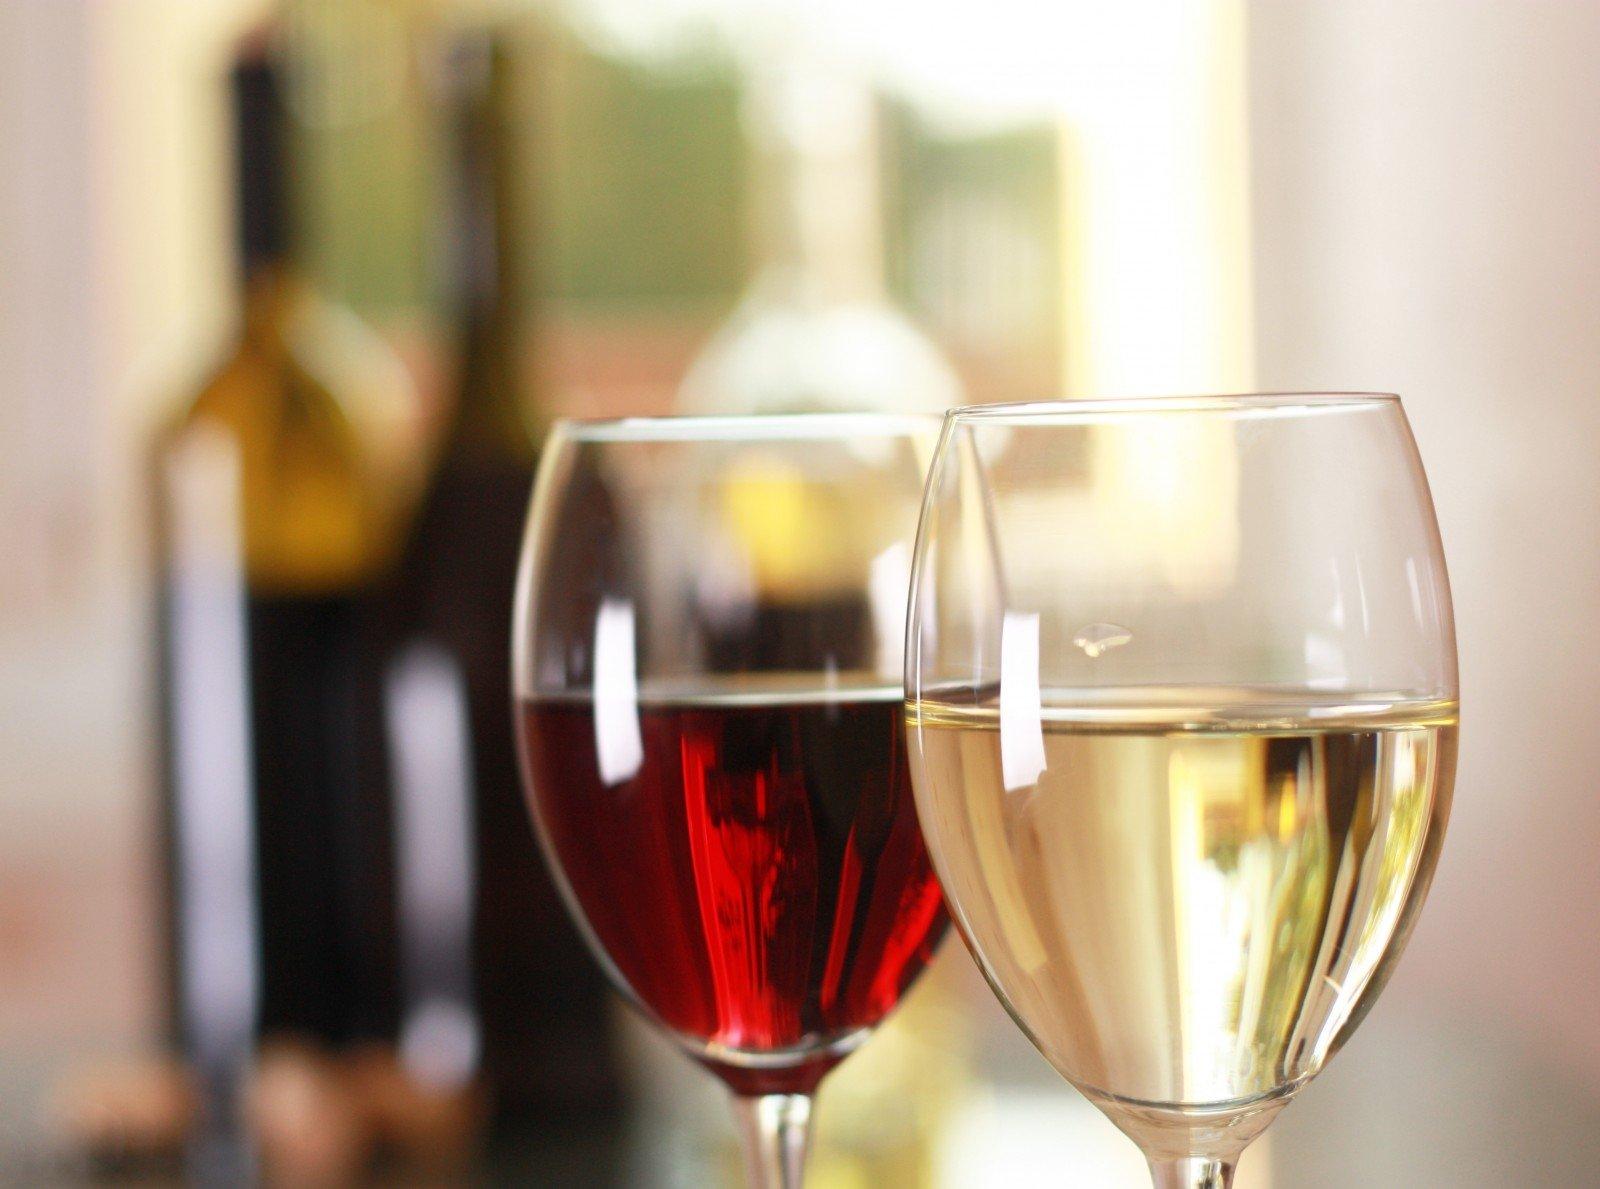 Naudinga ar visgi žalinga gerti vyną? | jusukalve.lt